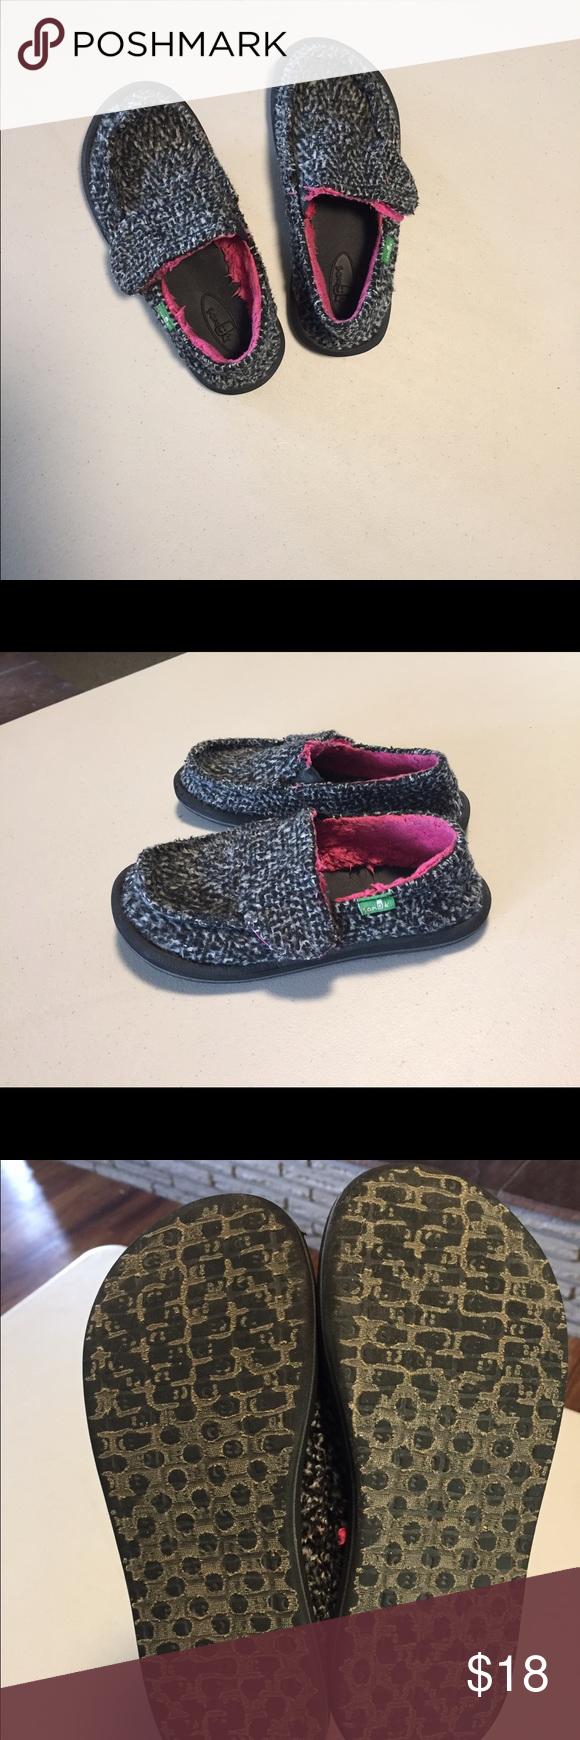 Little Girls Sanuks Size 12 Little Girls Sanuks, very clean Sanuk Shoes Moccasins